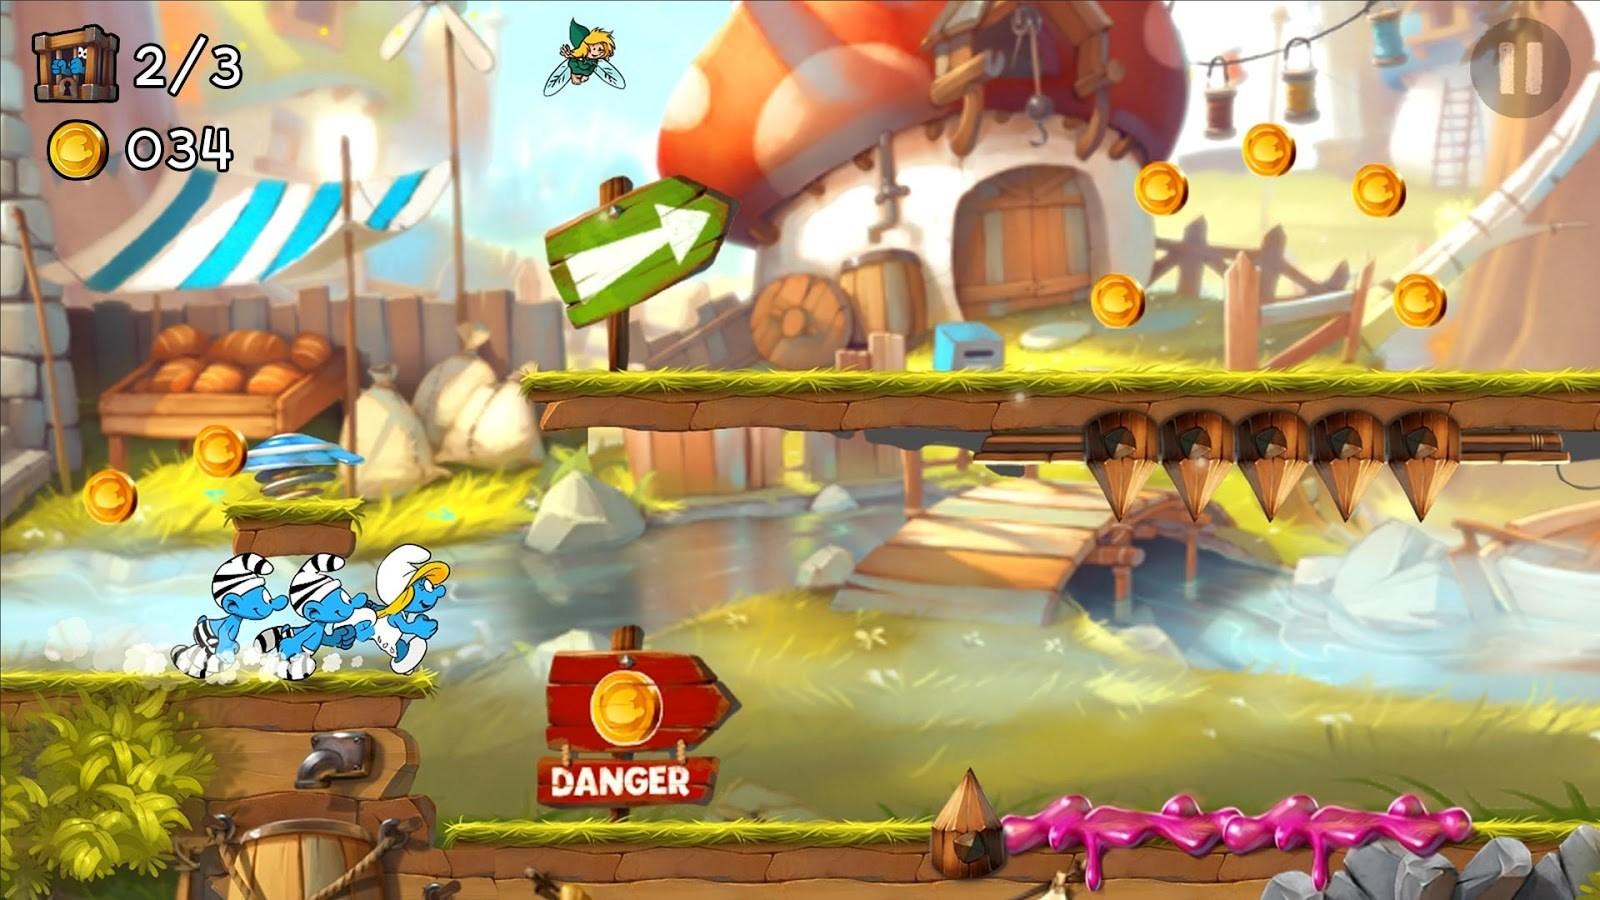 Os Smurfs Epic Run - Imagem 1 do software